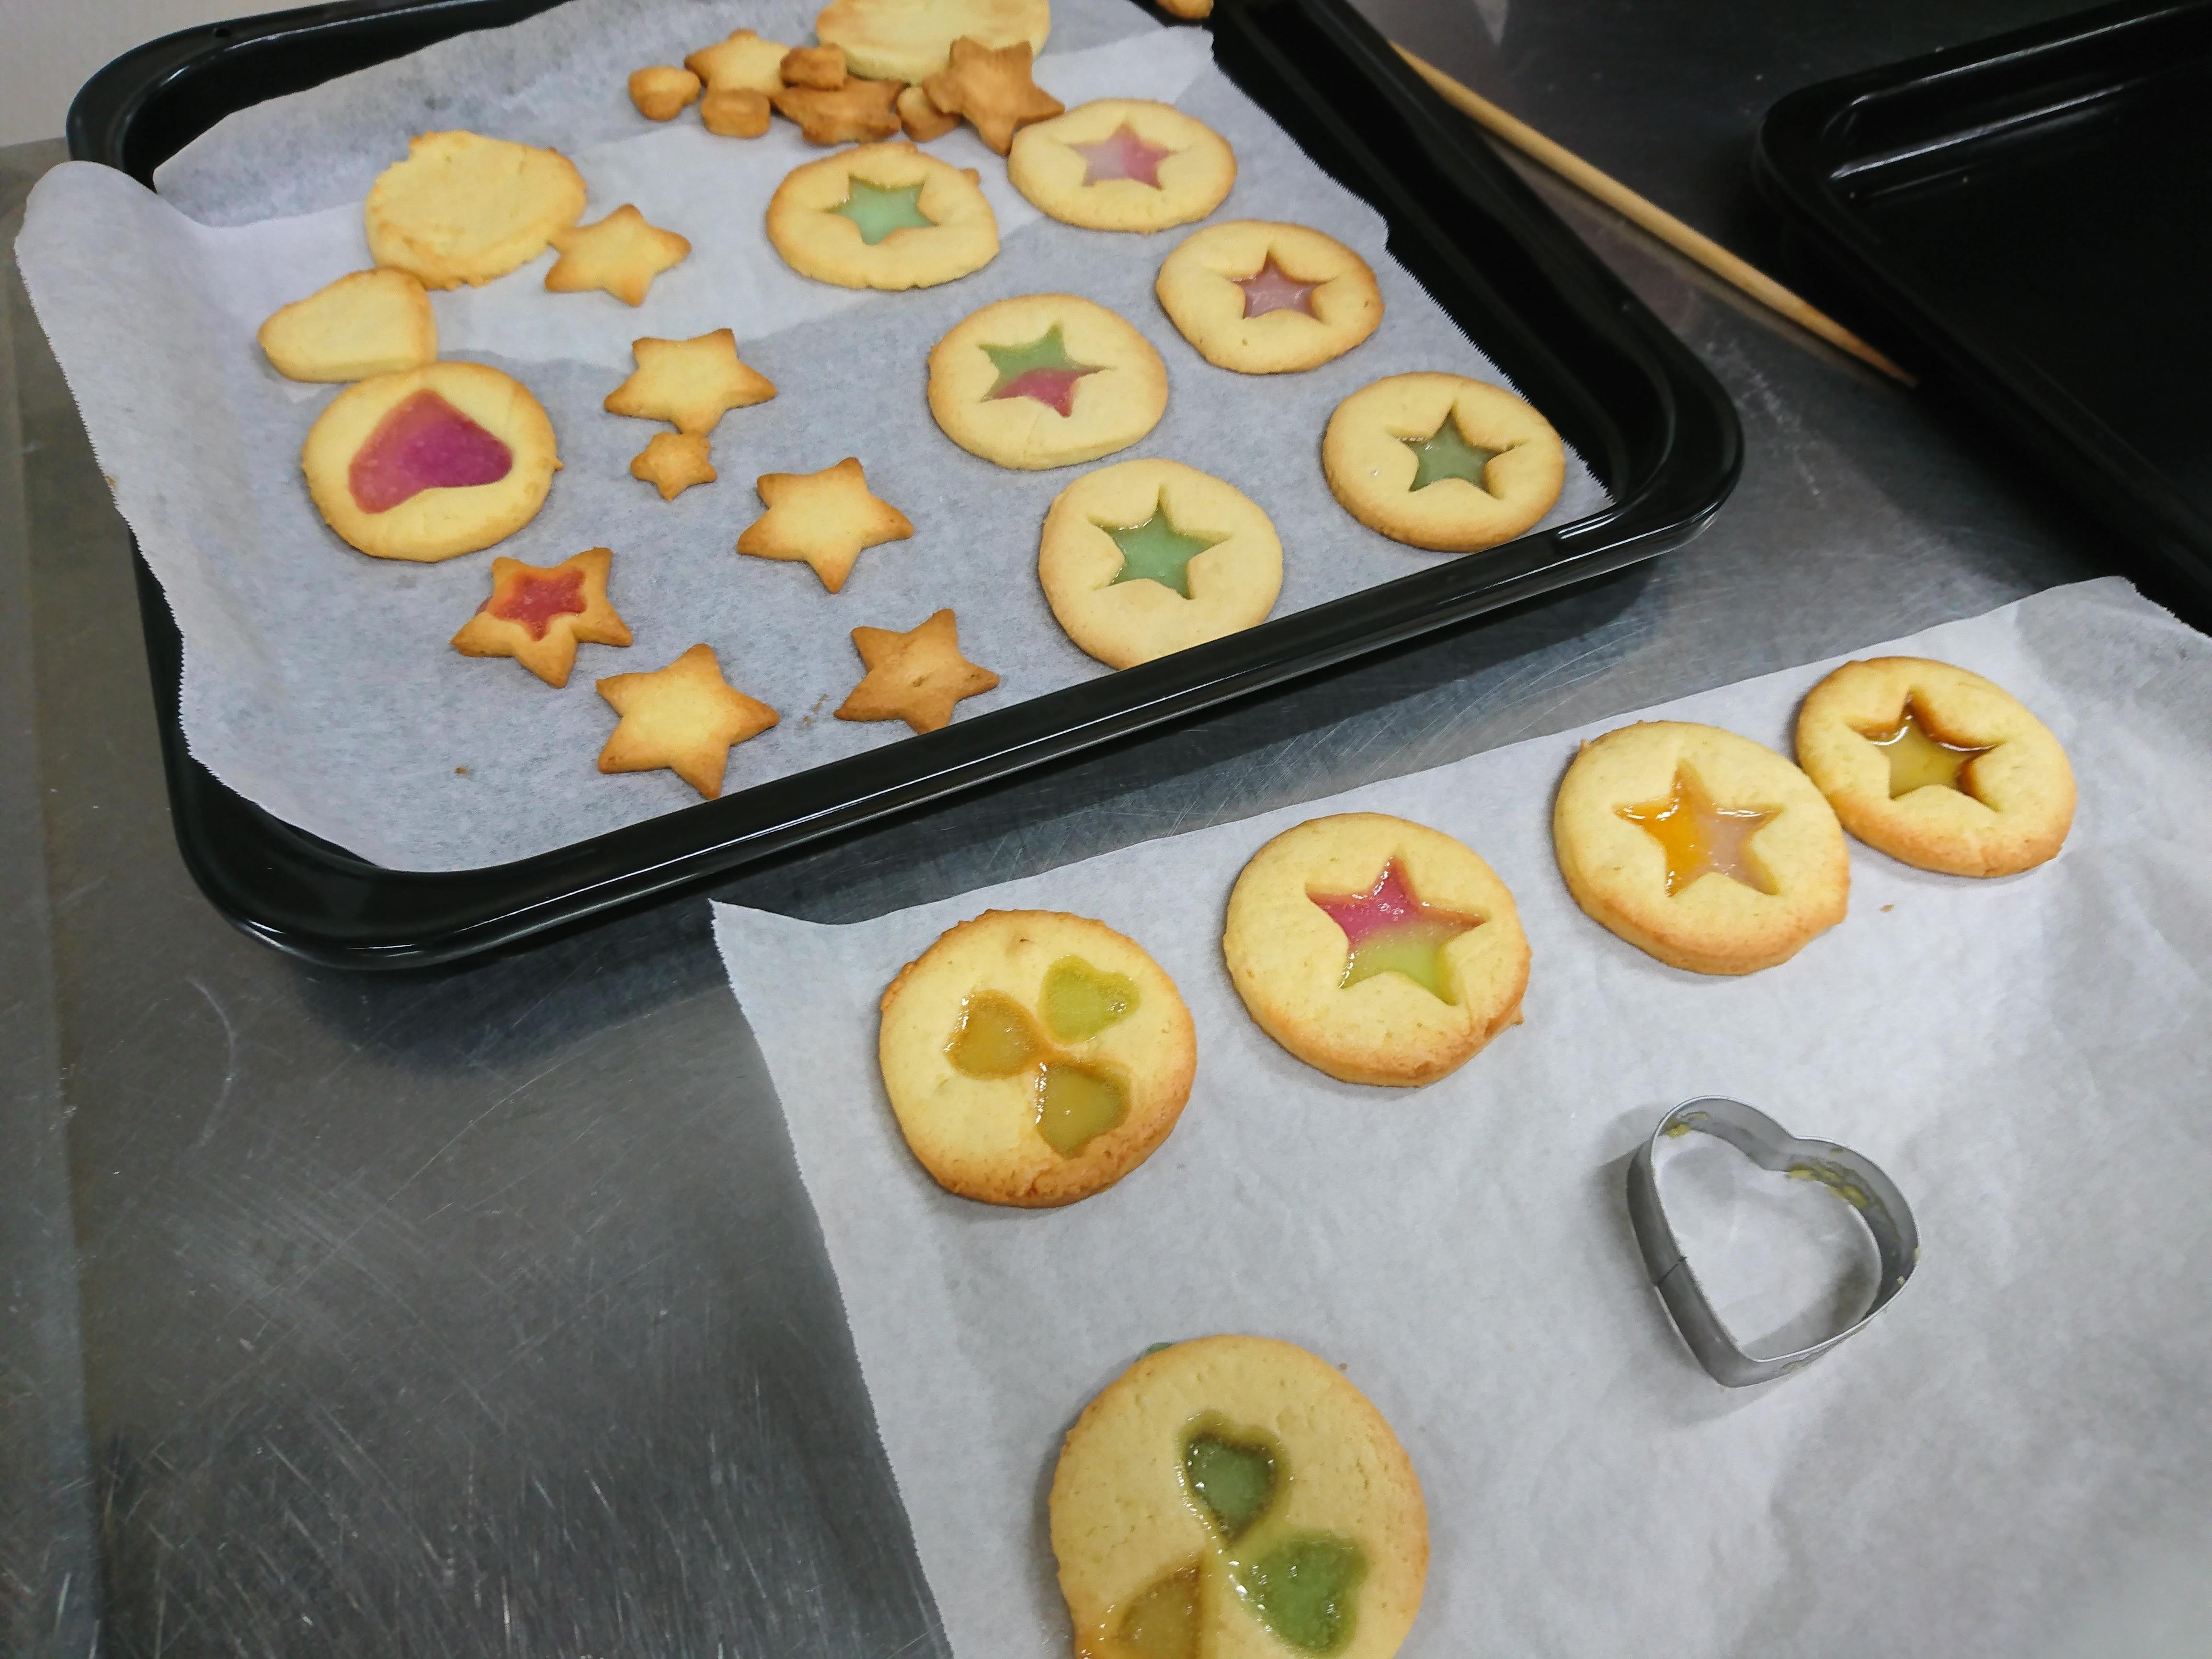 ステンドグラスクッキーを作ろう